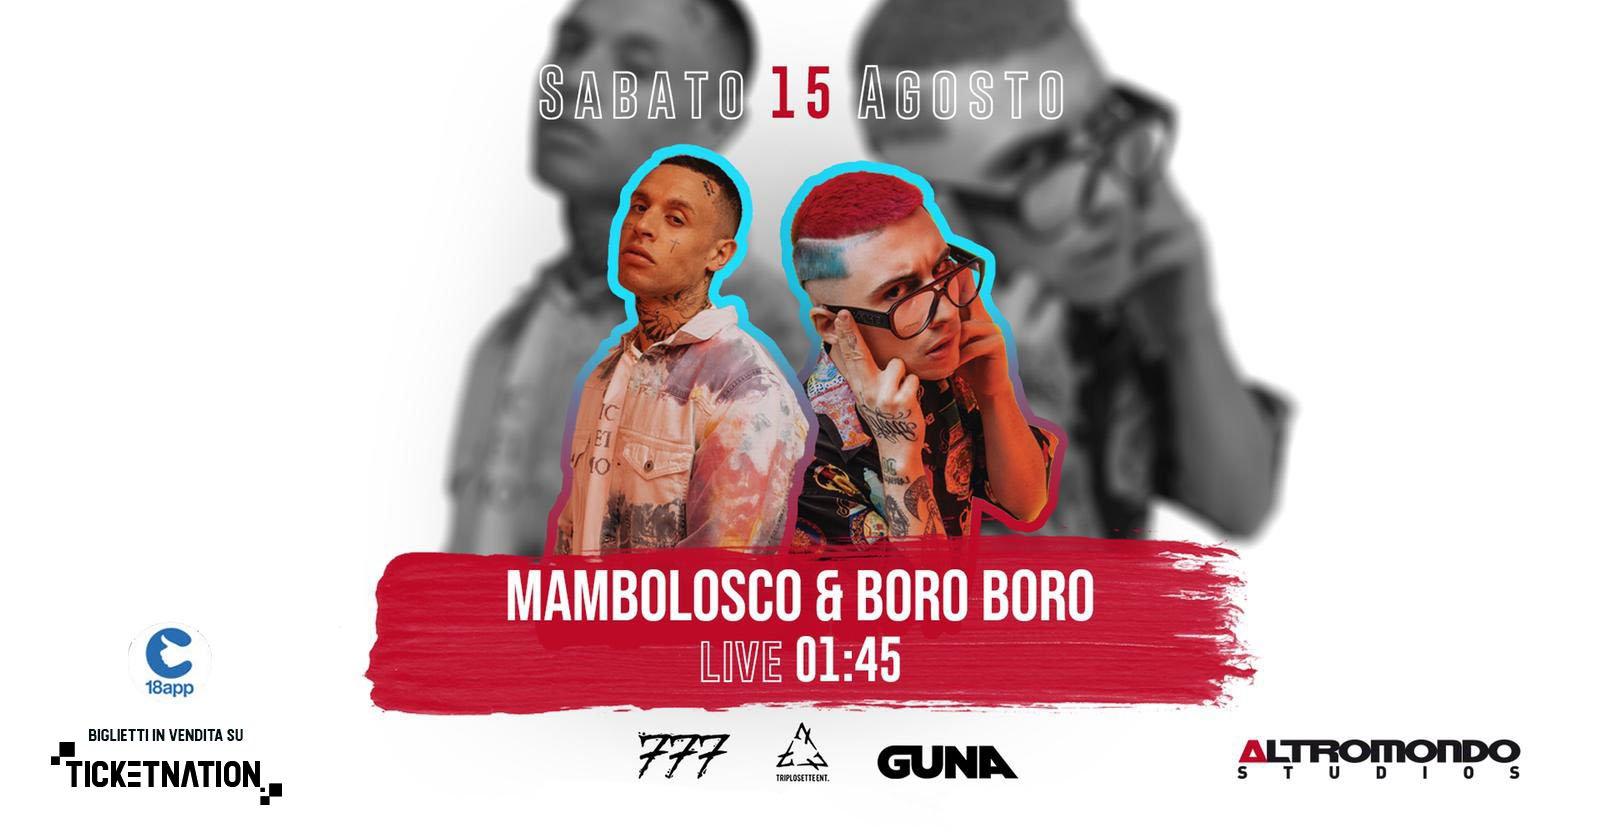 Mambolosco Boro Boro At Altromondo Studios Rimini – Sabato 15 08 2020